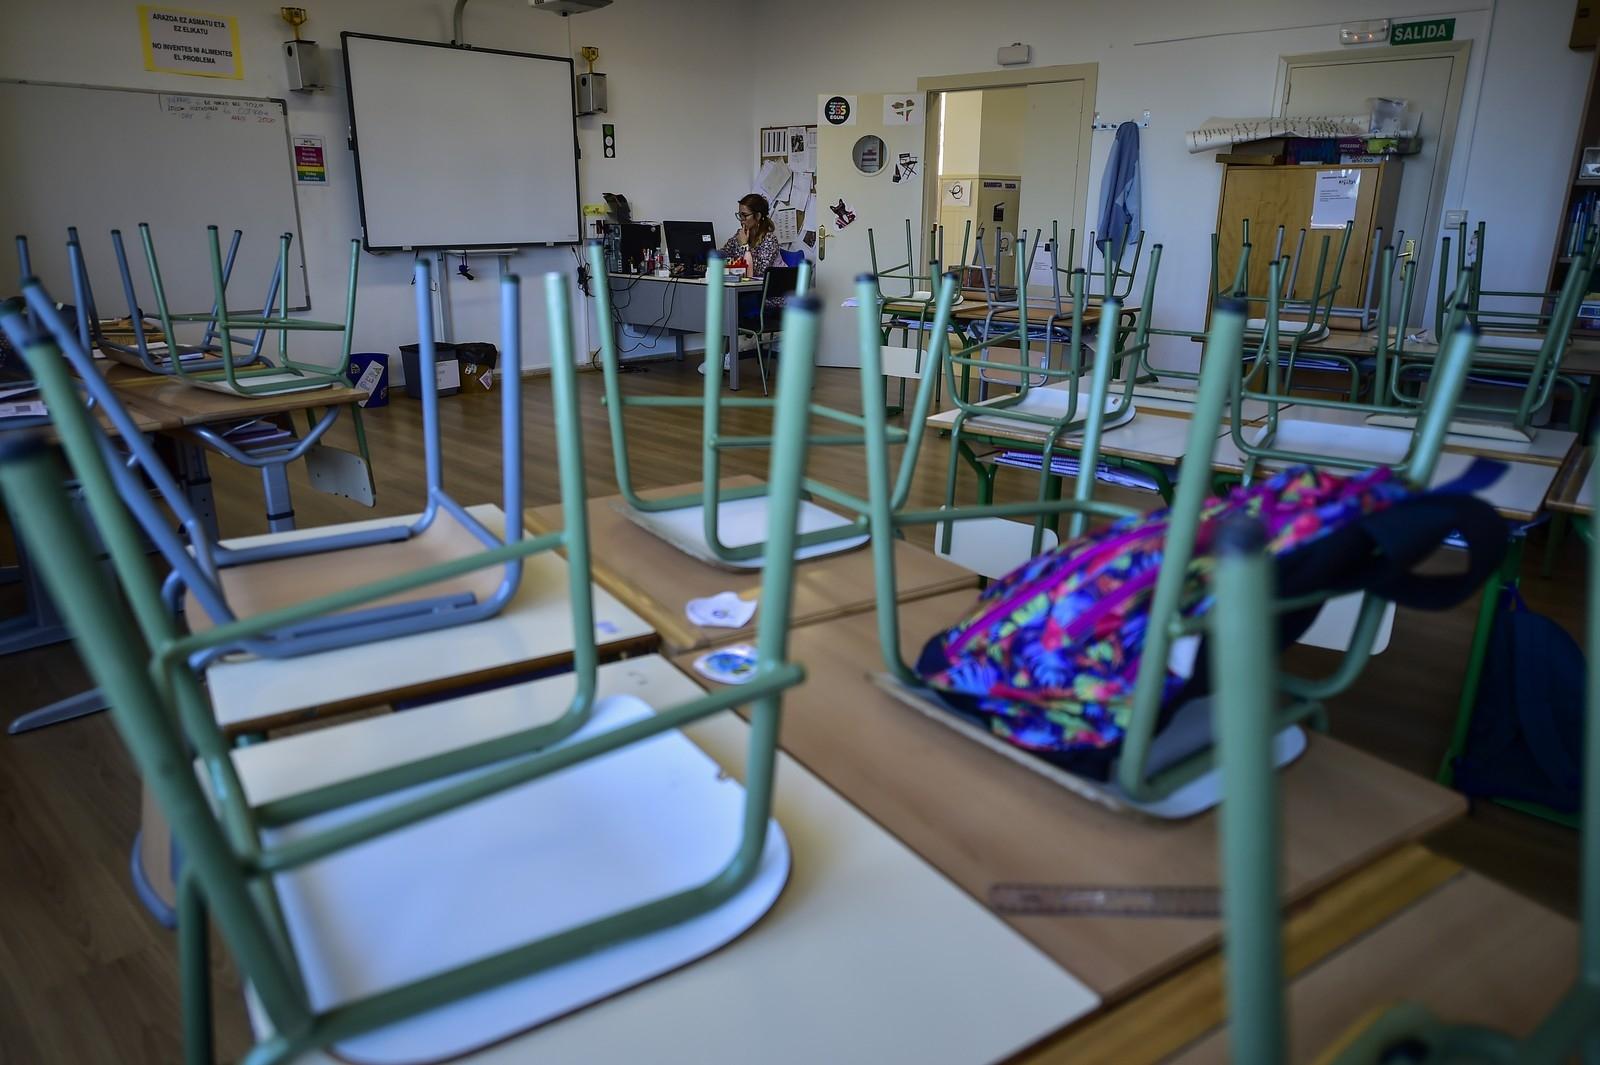 Escolas fechadas para conter epidemia do novo Coronavírus